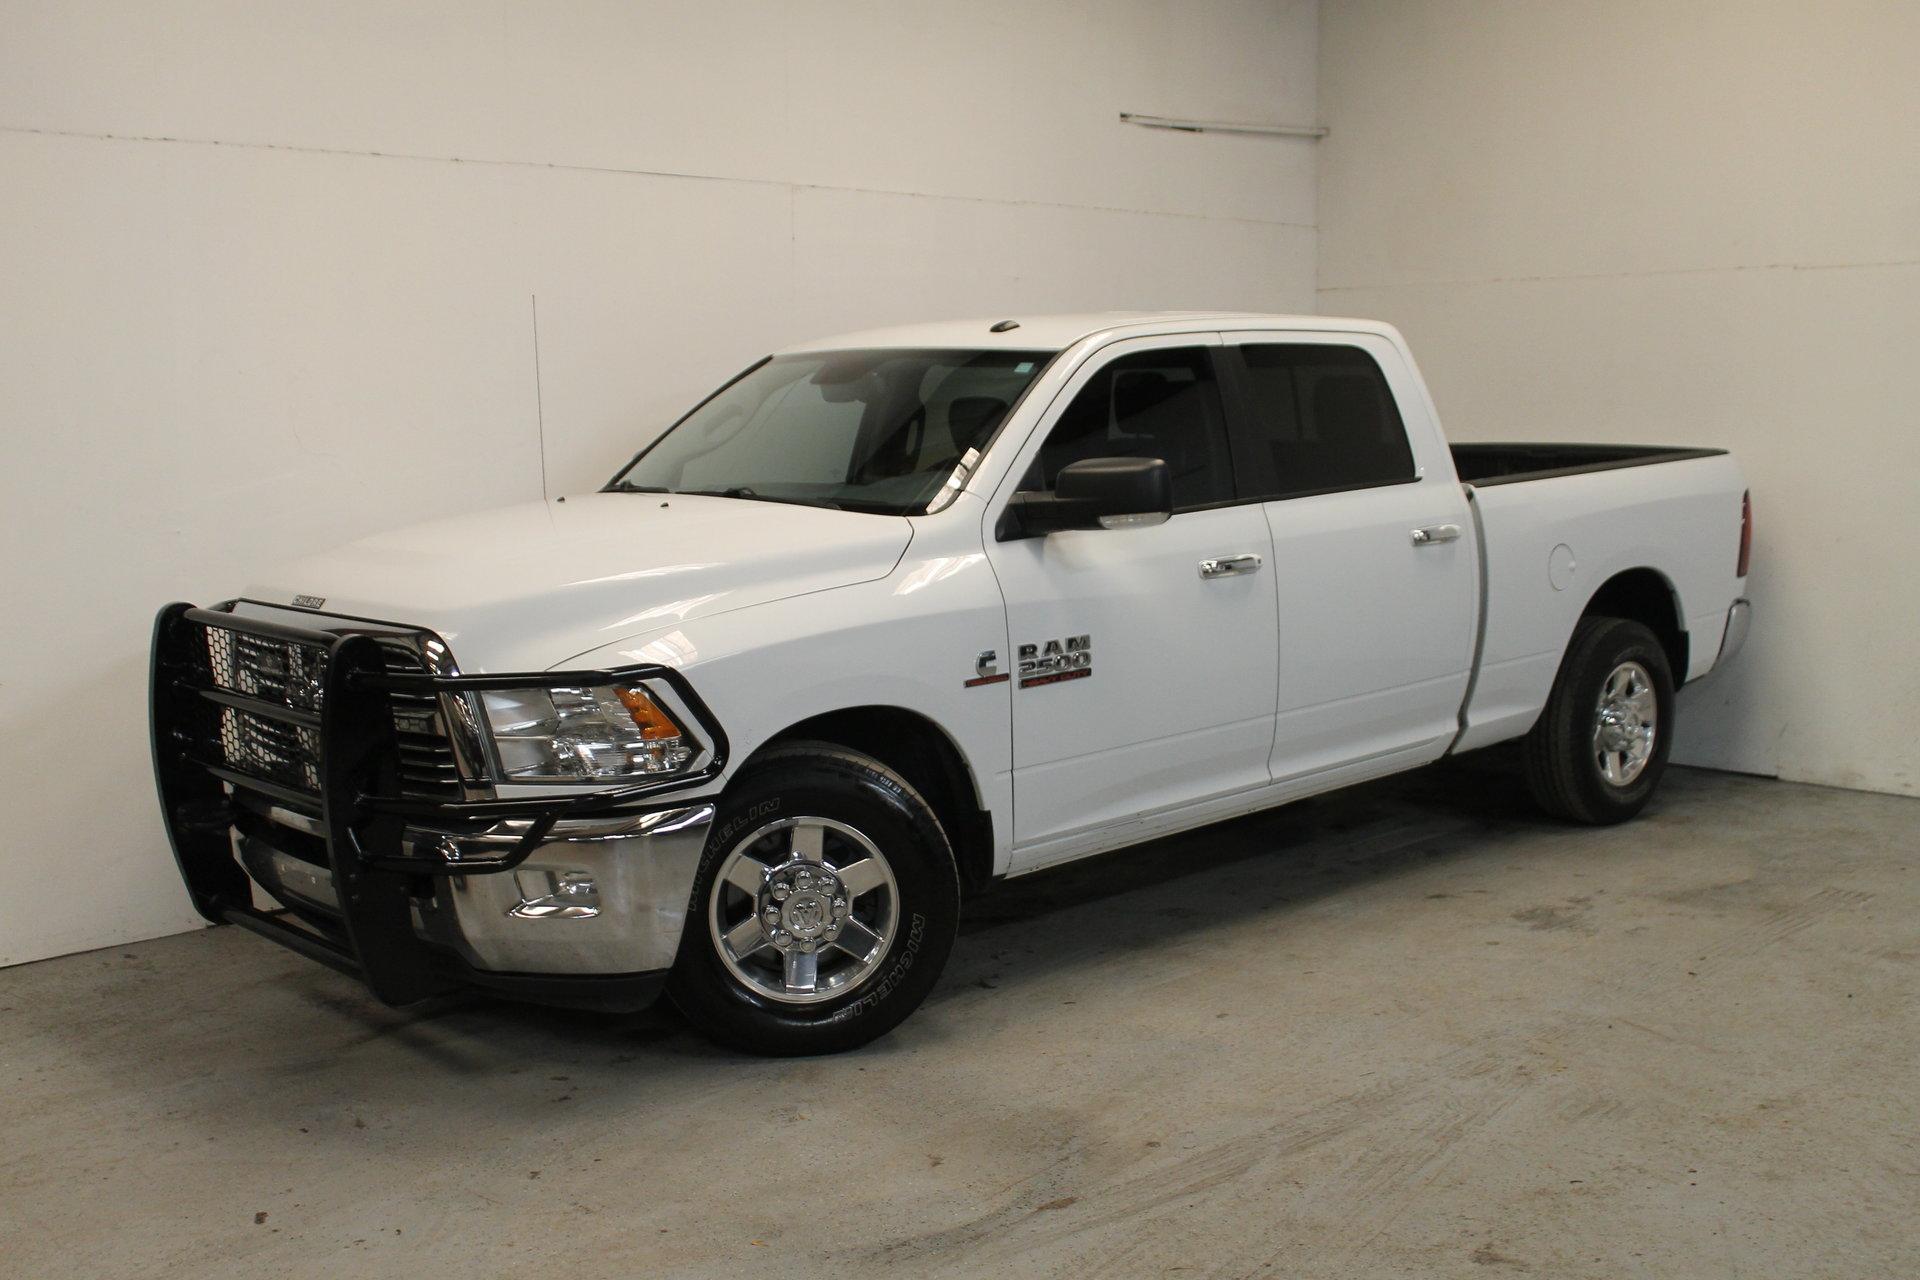 truck used rhsubwaytruckpartscom win truckindo parts rhautowpapercom quad l diesel cummins ram x lifted dodge laramie wallpaper cab white